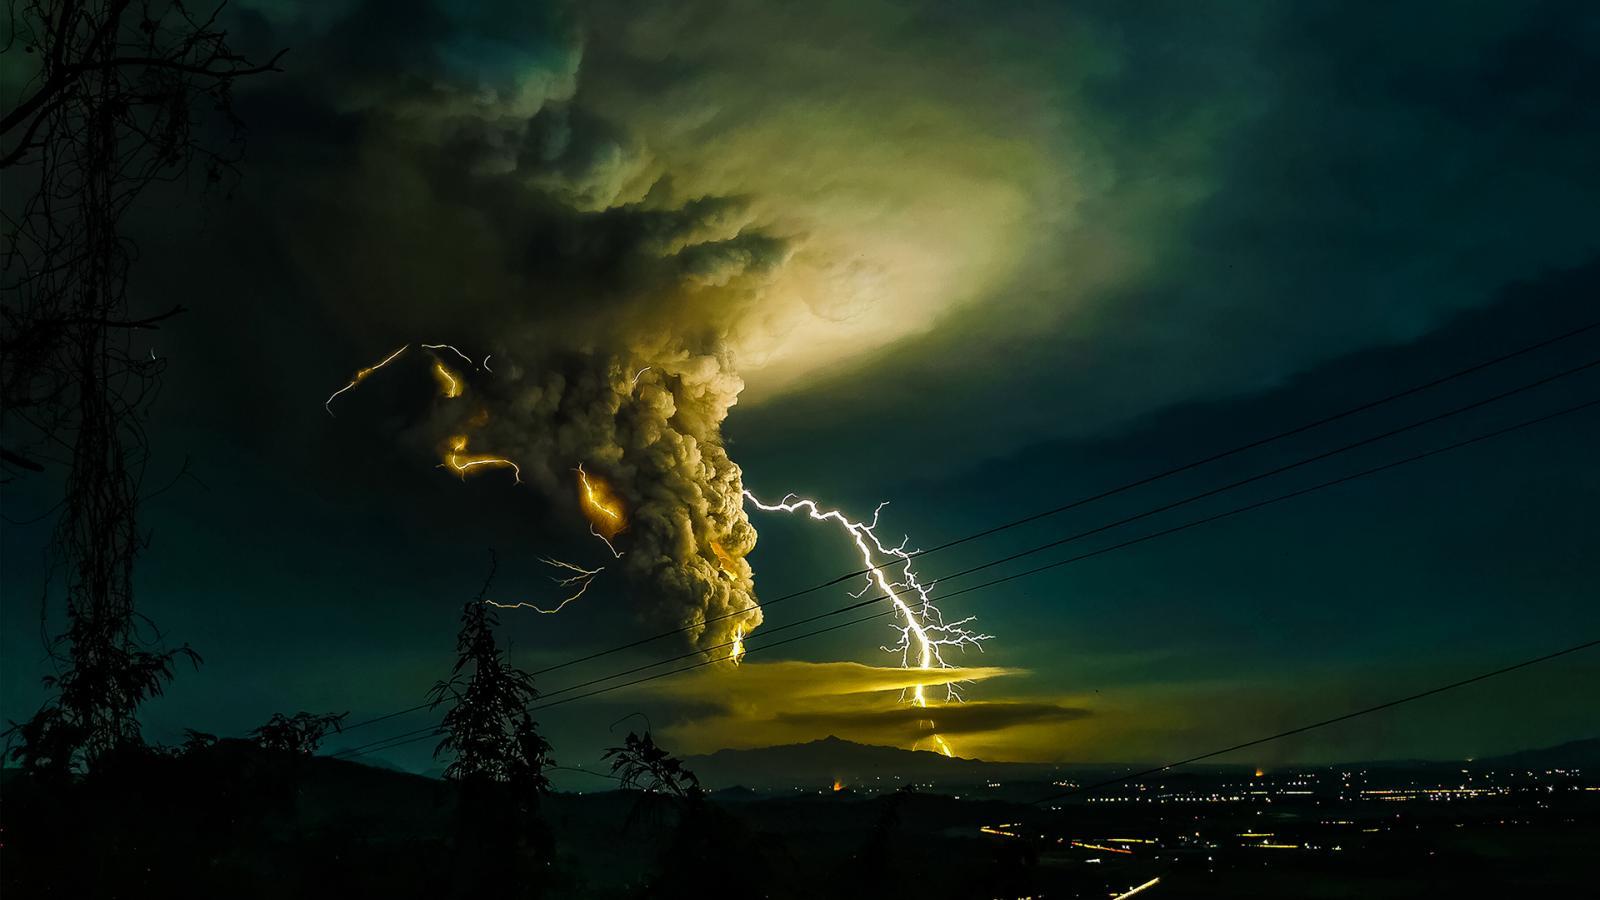 Snímek oceněný Světovou meteorologickou organizací